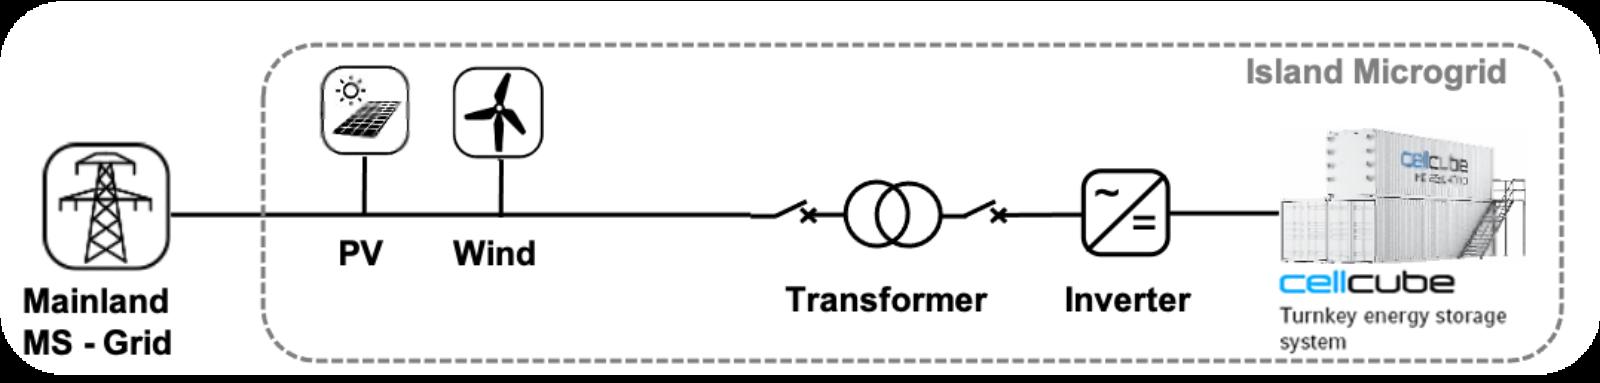 CellCube Projetcs KIT Flowchart